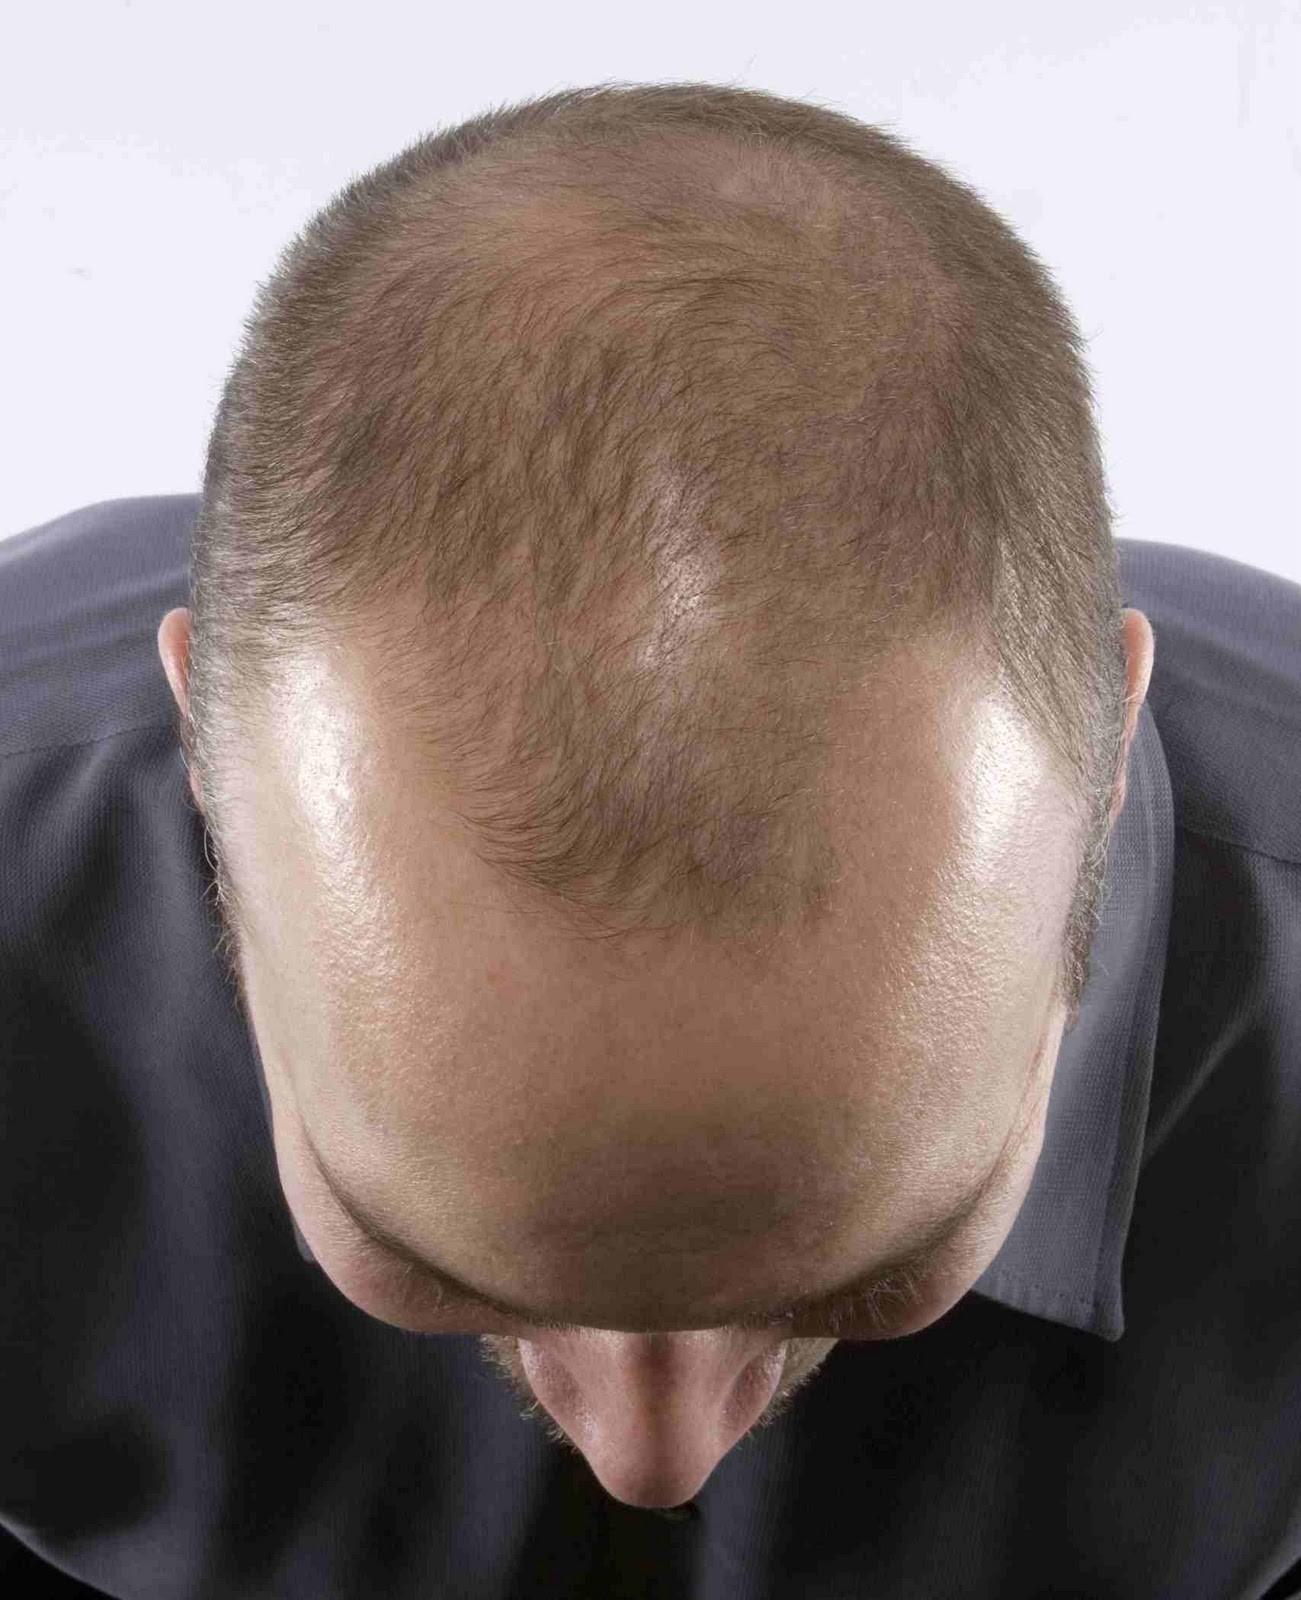 ریزش مو در مردان: پیشگیری و درمان ریزش مو